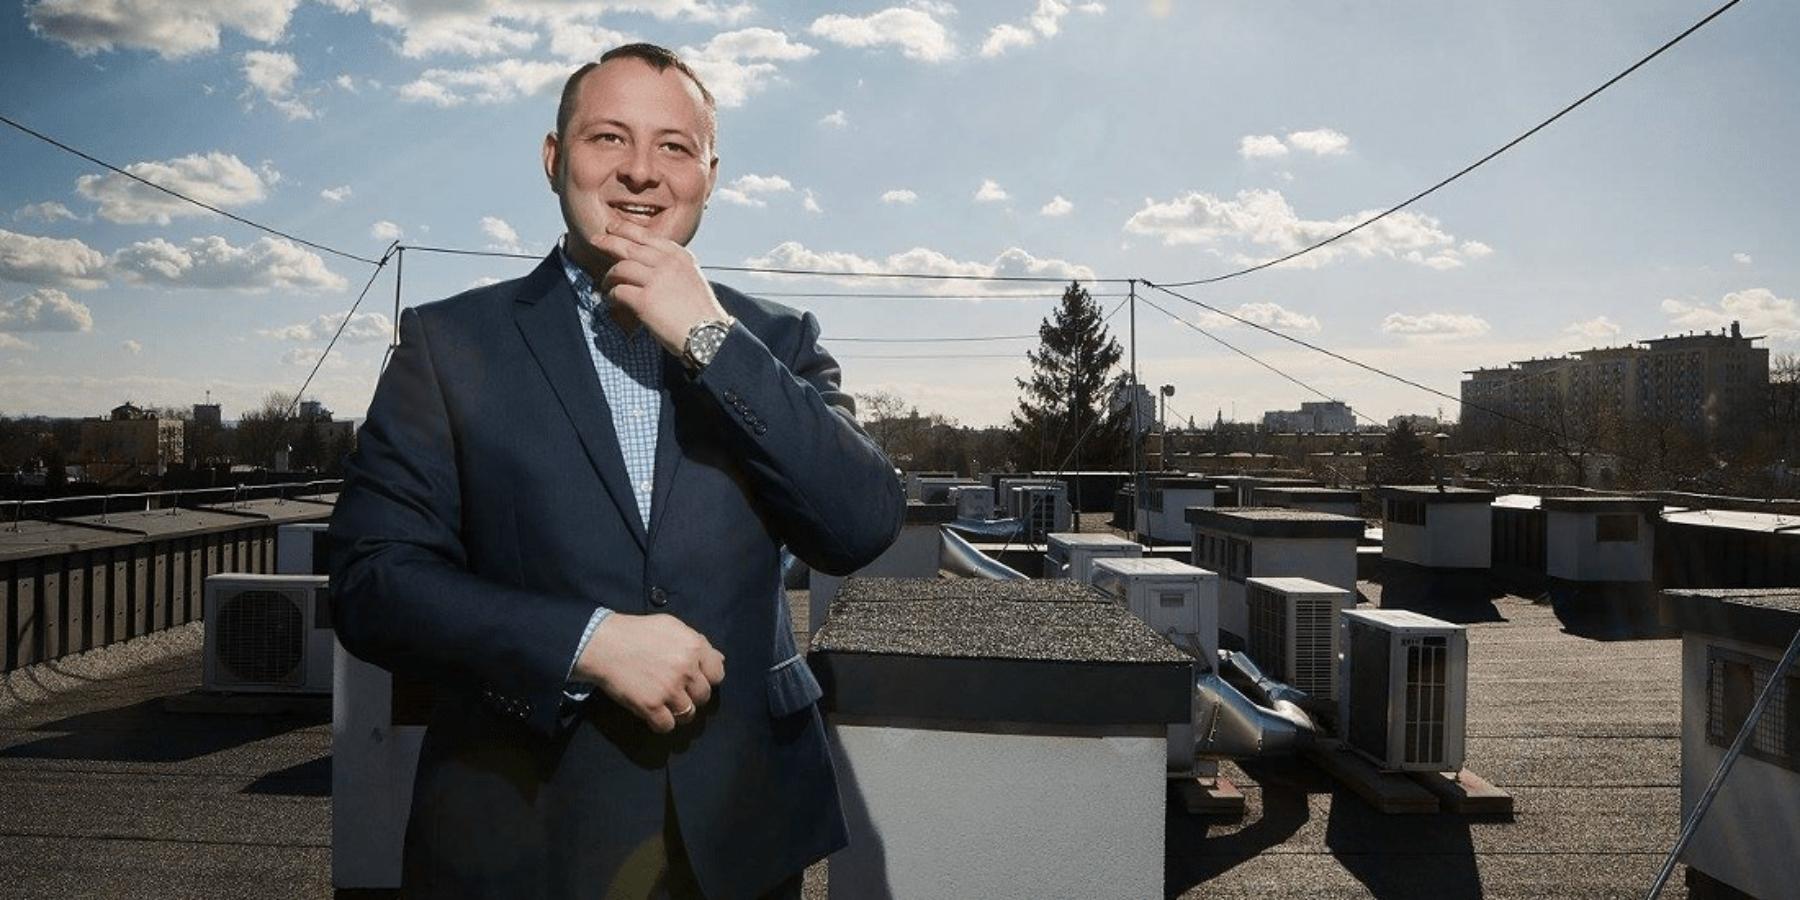 Wojciech Szymański: Sklepy internetowe są nabakier zczasem ikosztami dostawy orazzreklamacjami